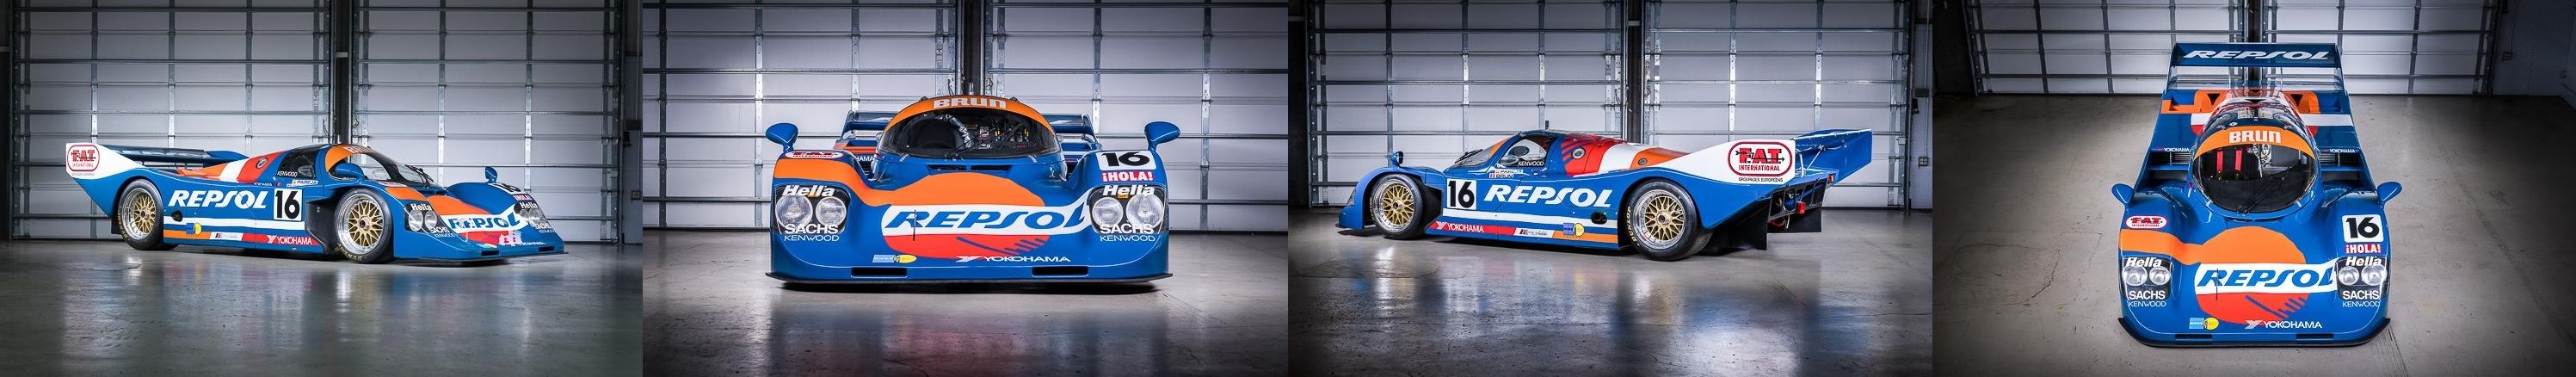 Repsol Porsche 962C